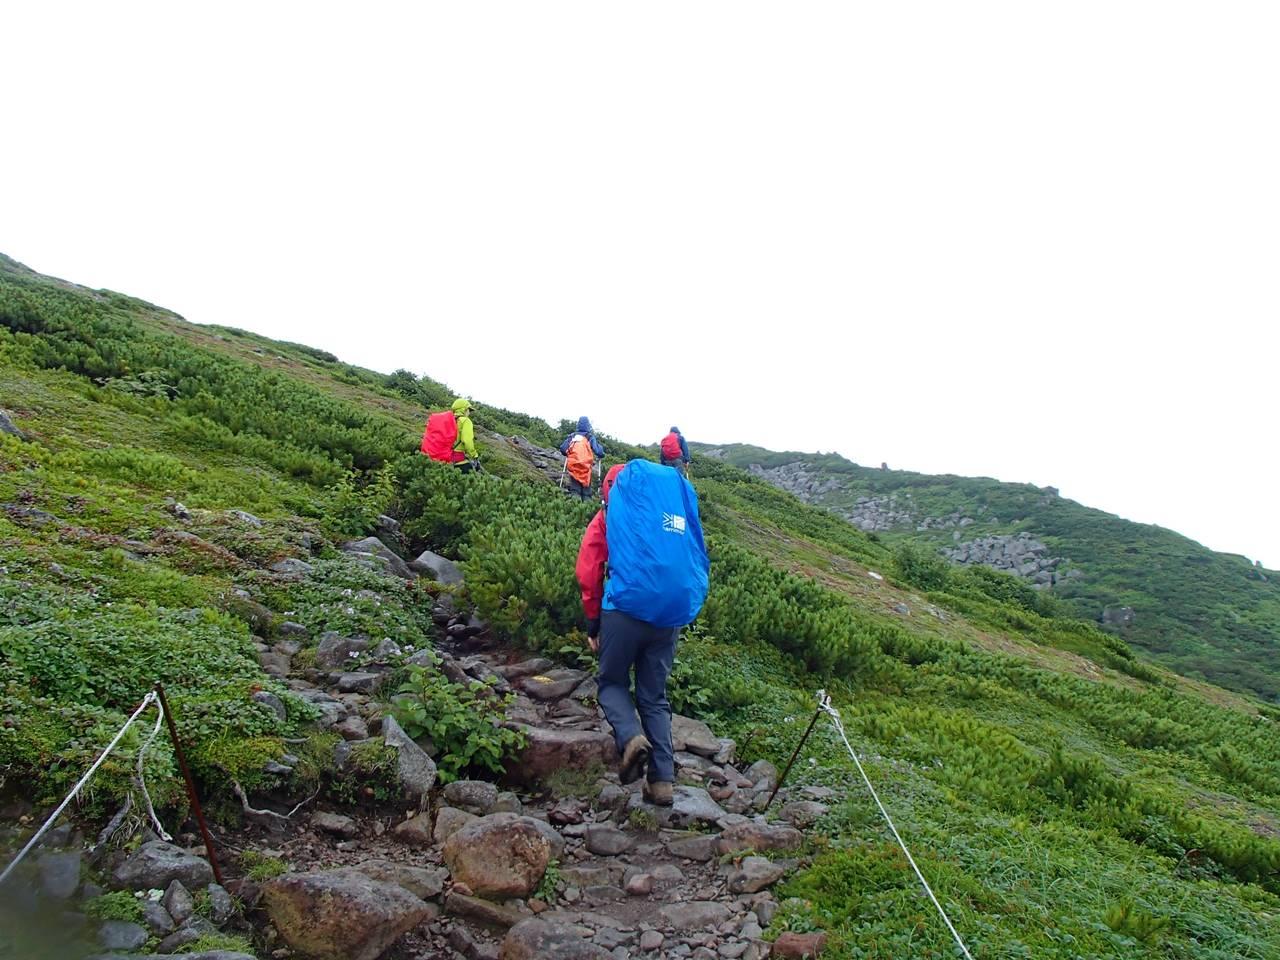 北海道・ニペソツ山登山 森林限界を超える